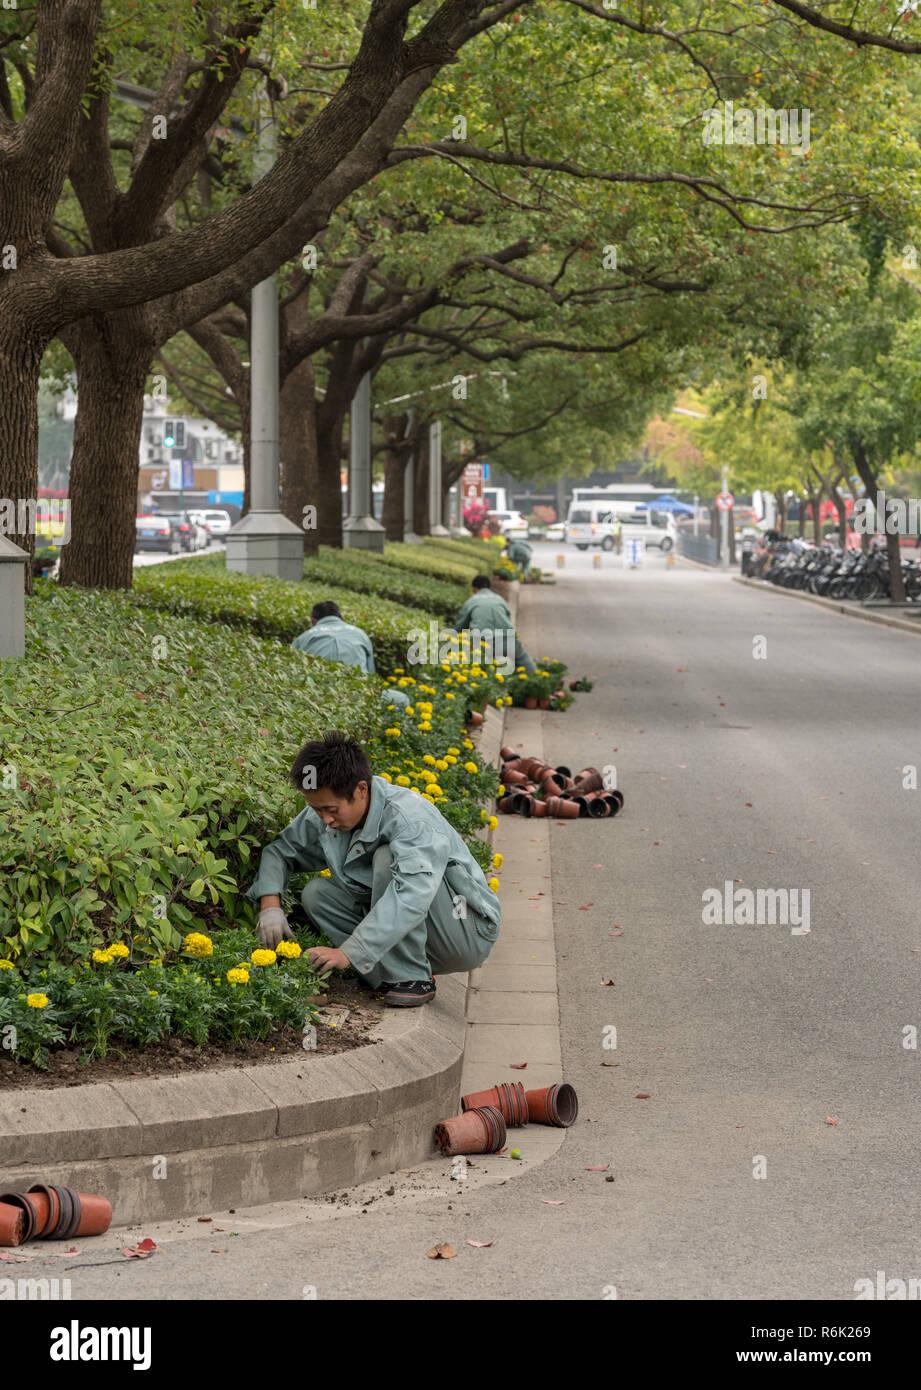 Workers planting flowers in road median in Shanghai - Stock Image